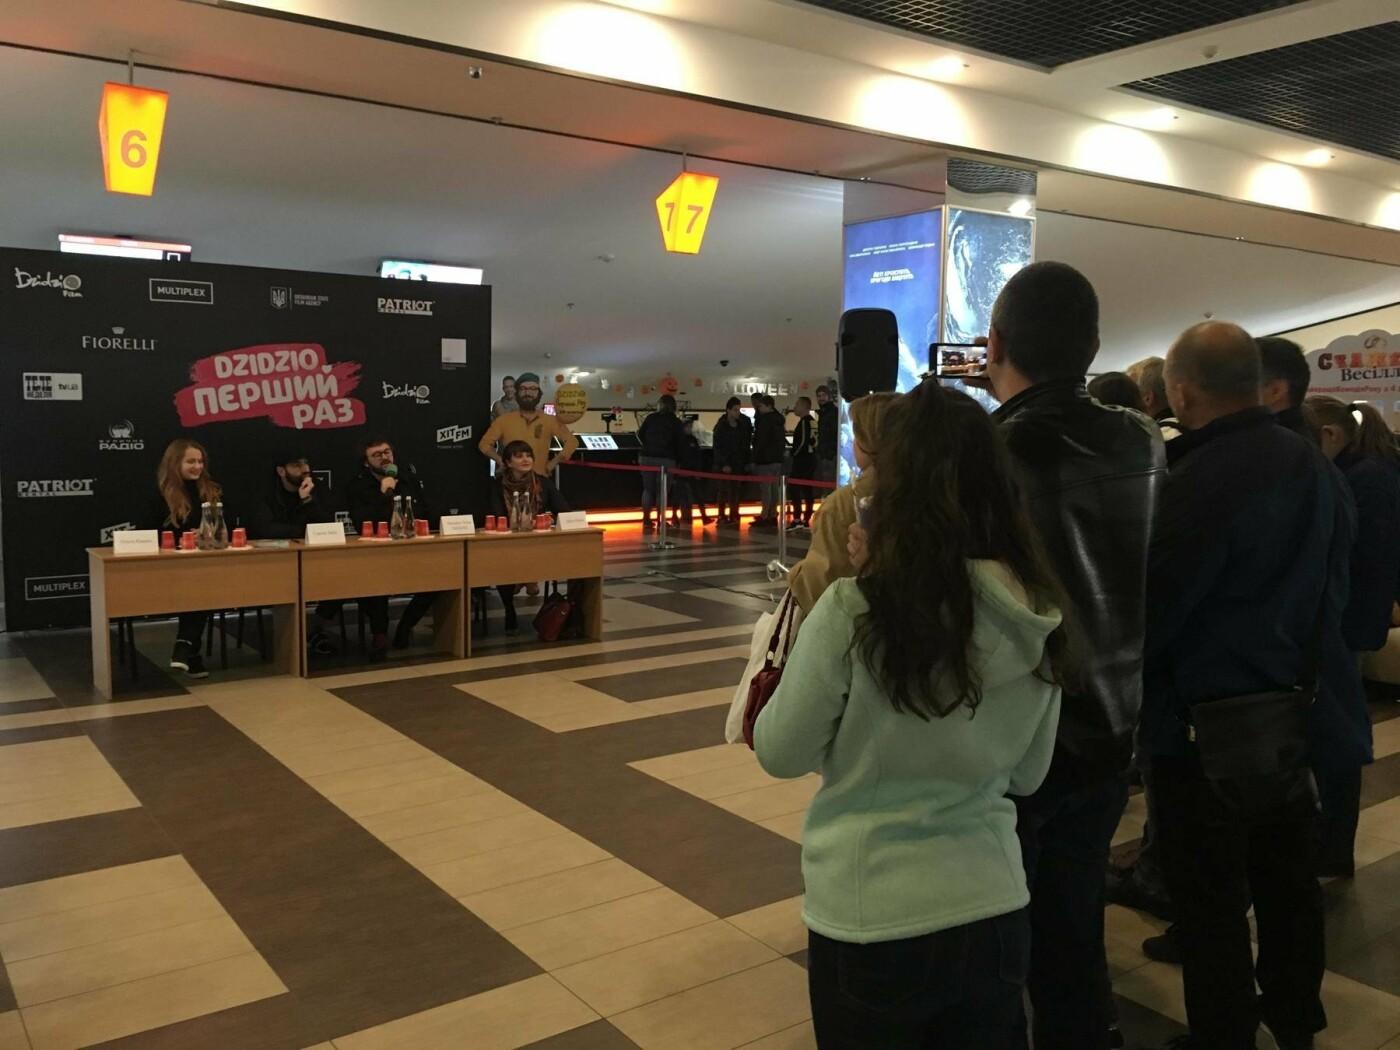 В Днепре прошла фан-встреча и автограф-сессия с украинским музыкантом, - ФОТО, фото-1